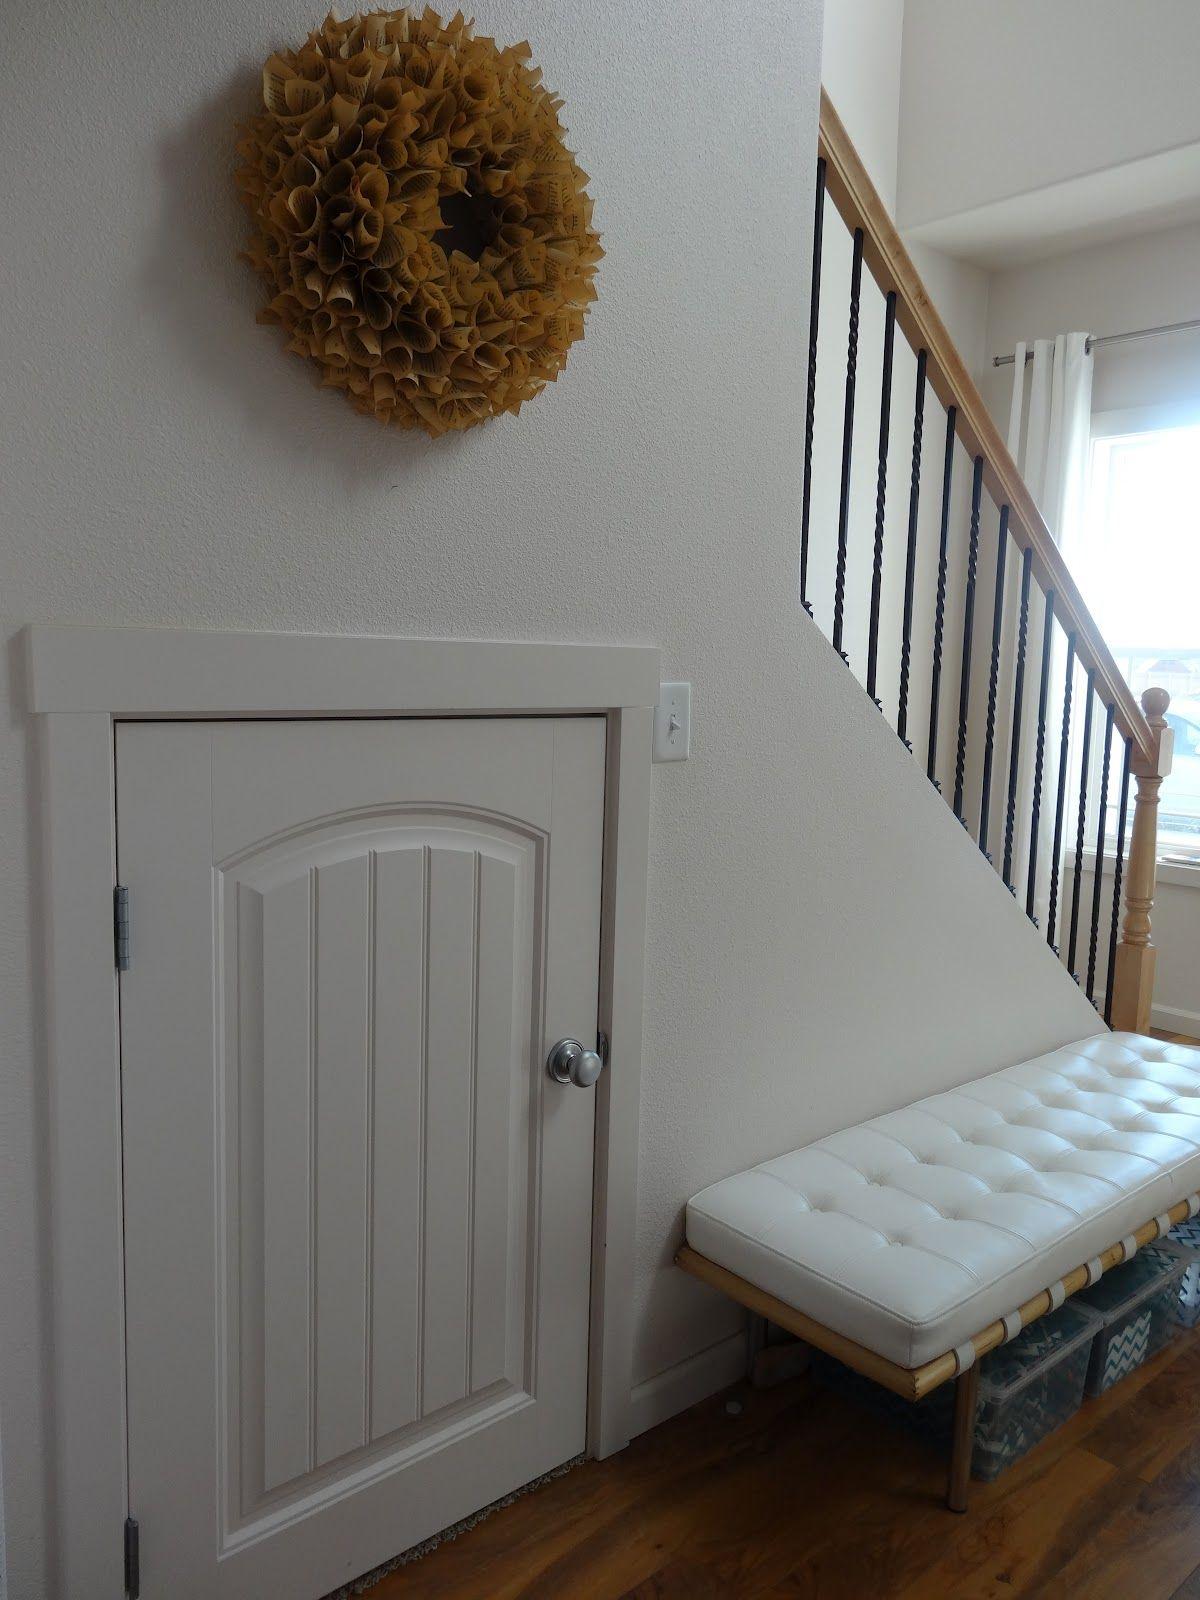 Best Half Door Half Door Leads To Extra Storage Room 400 x 300